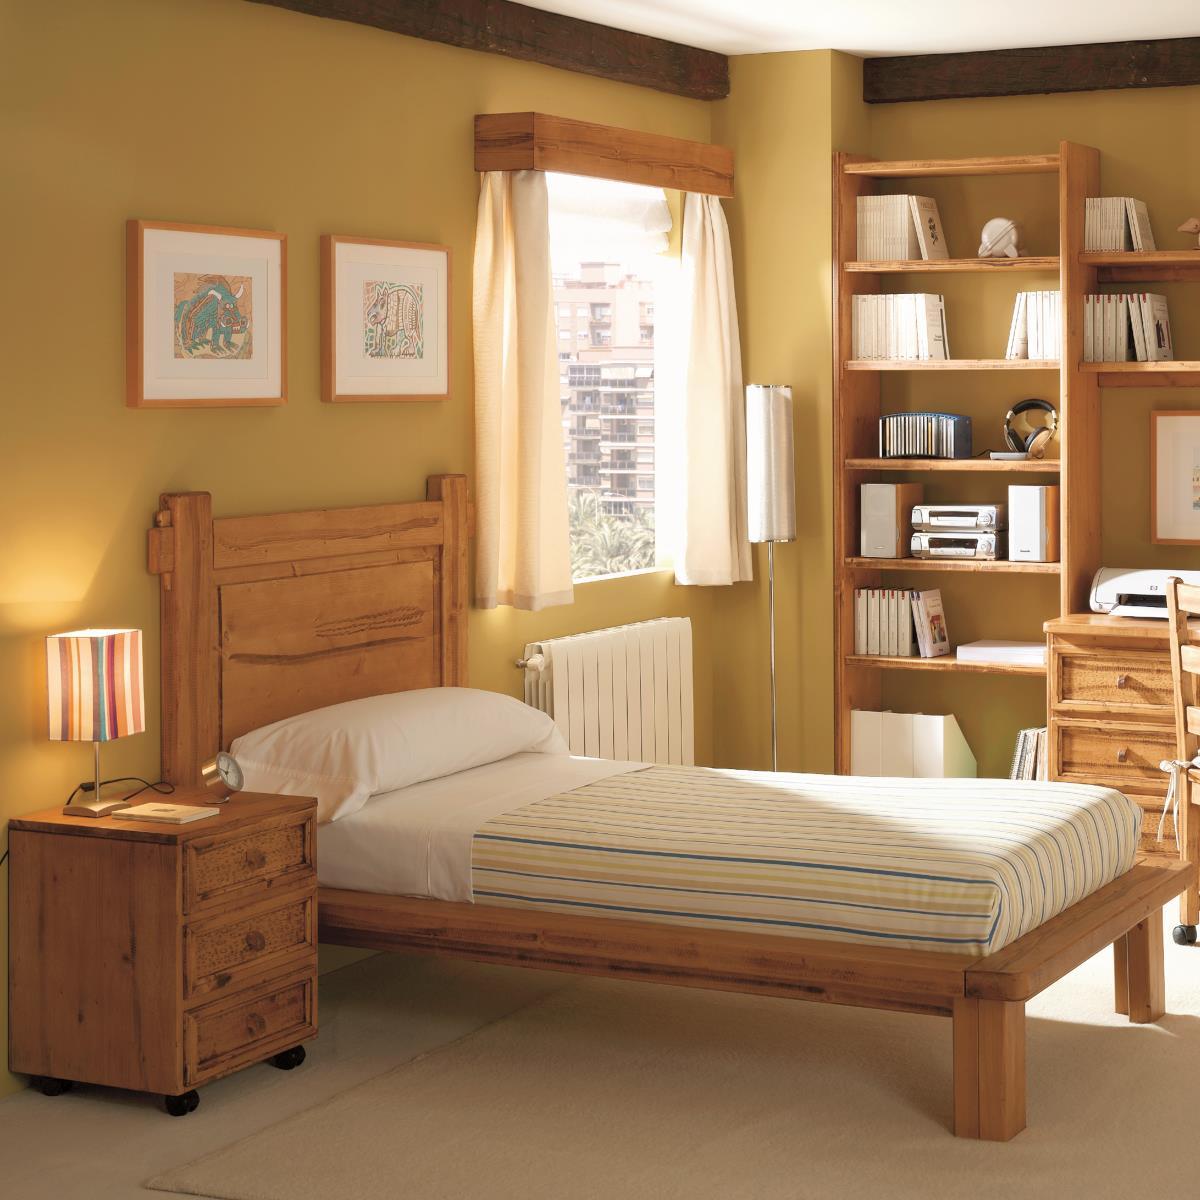 Cama r stica thick de madera ecor stico venta de muebles for Cama rustica de madera